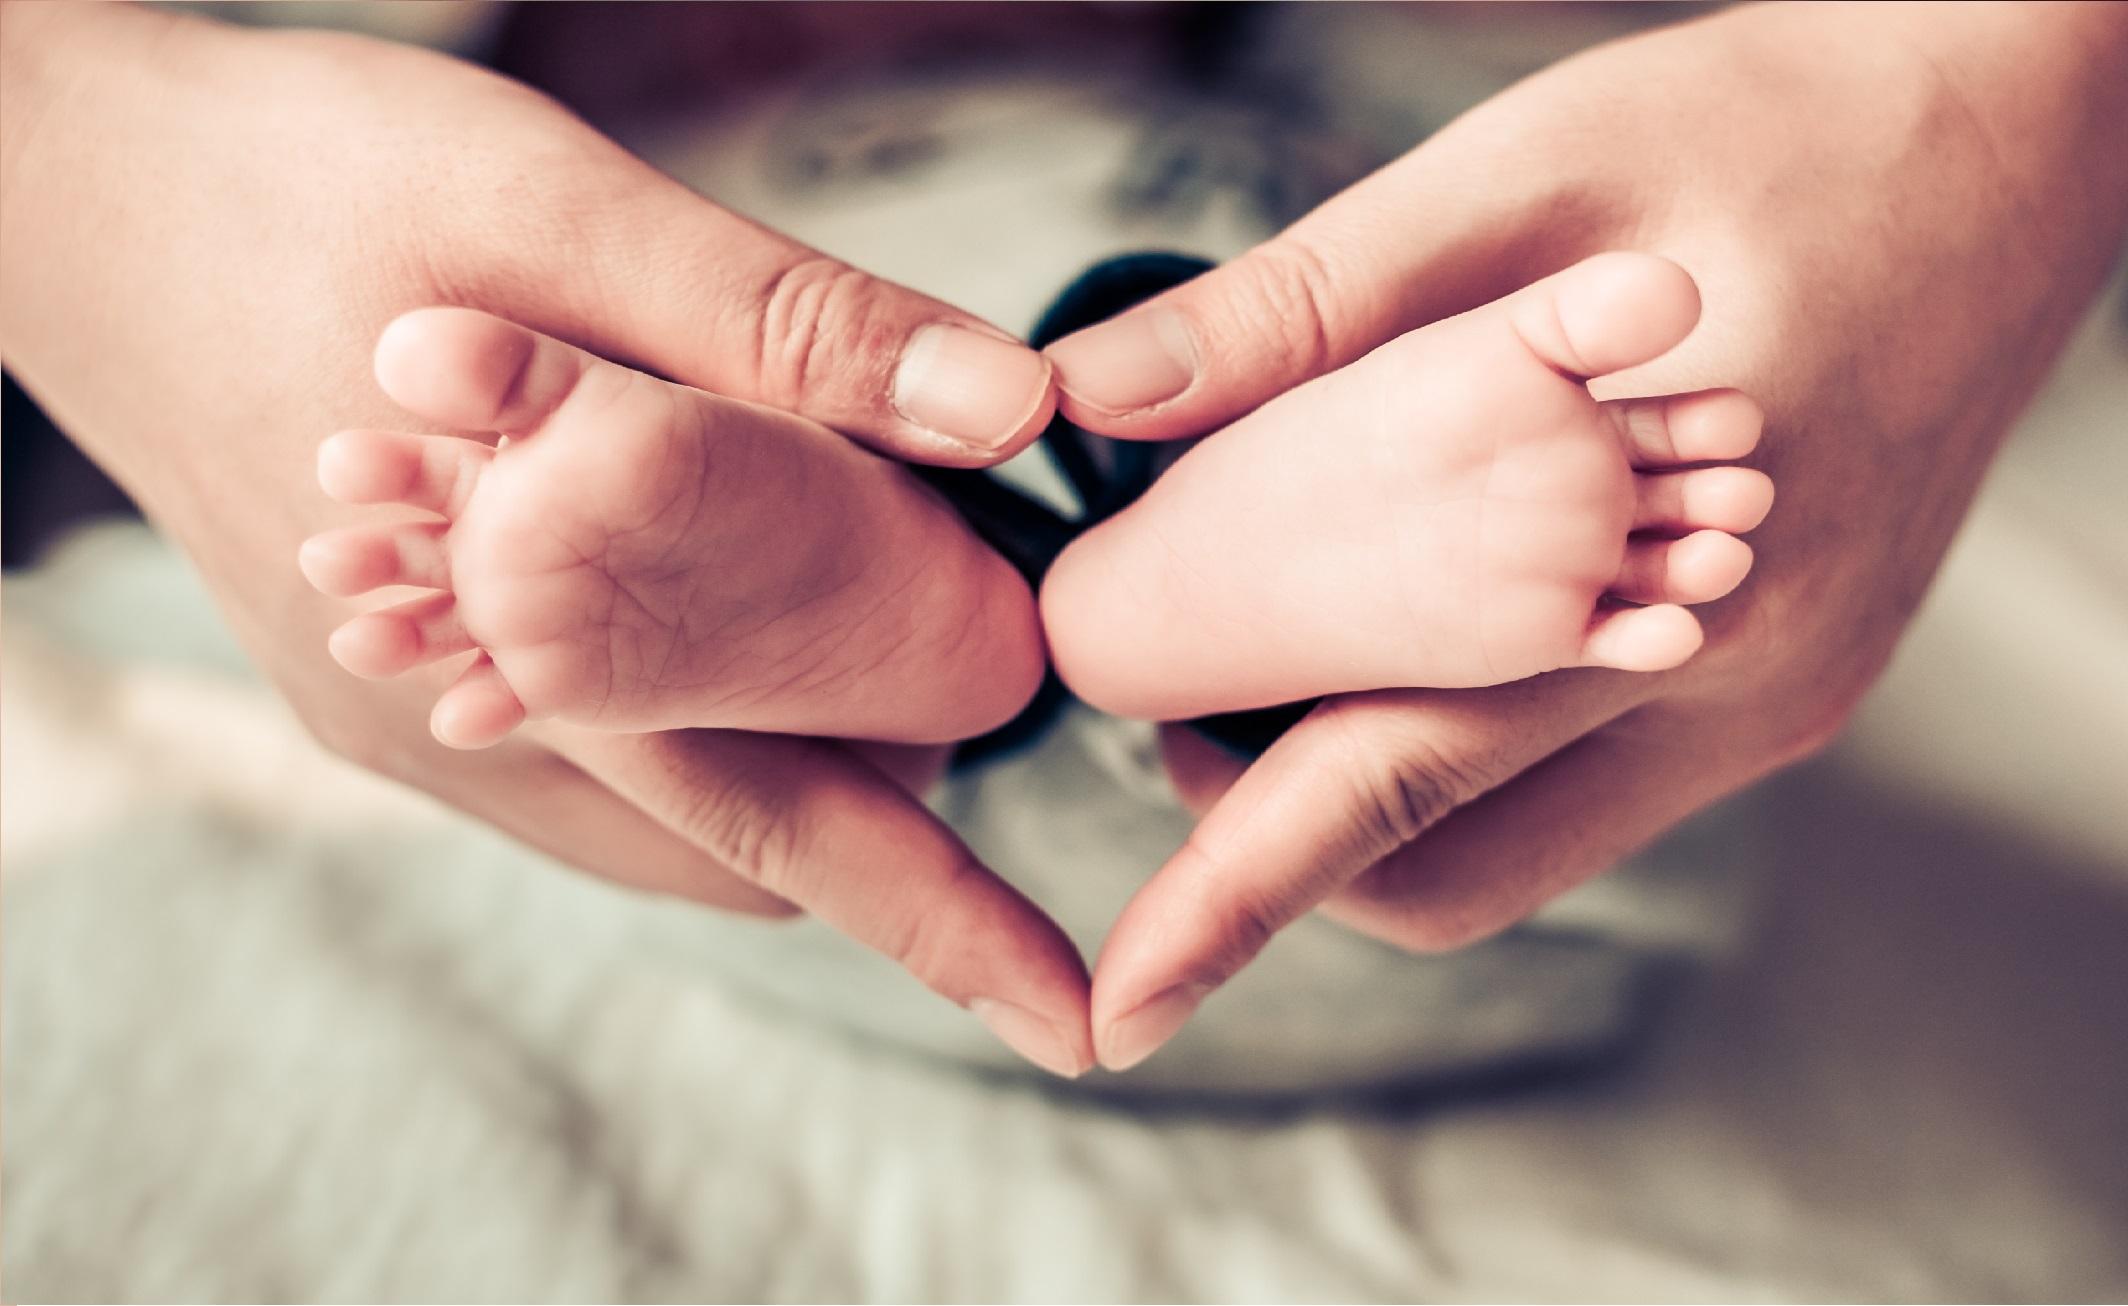 картинки рука младенца в маминой руке обед ужин